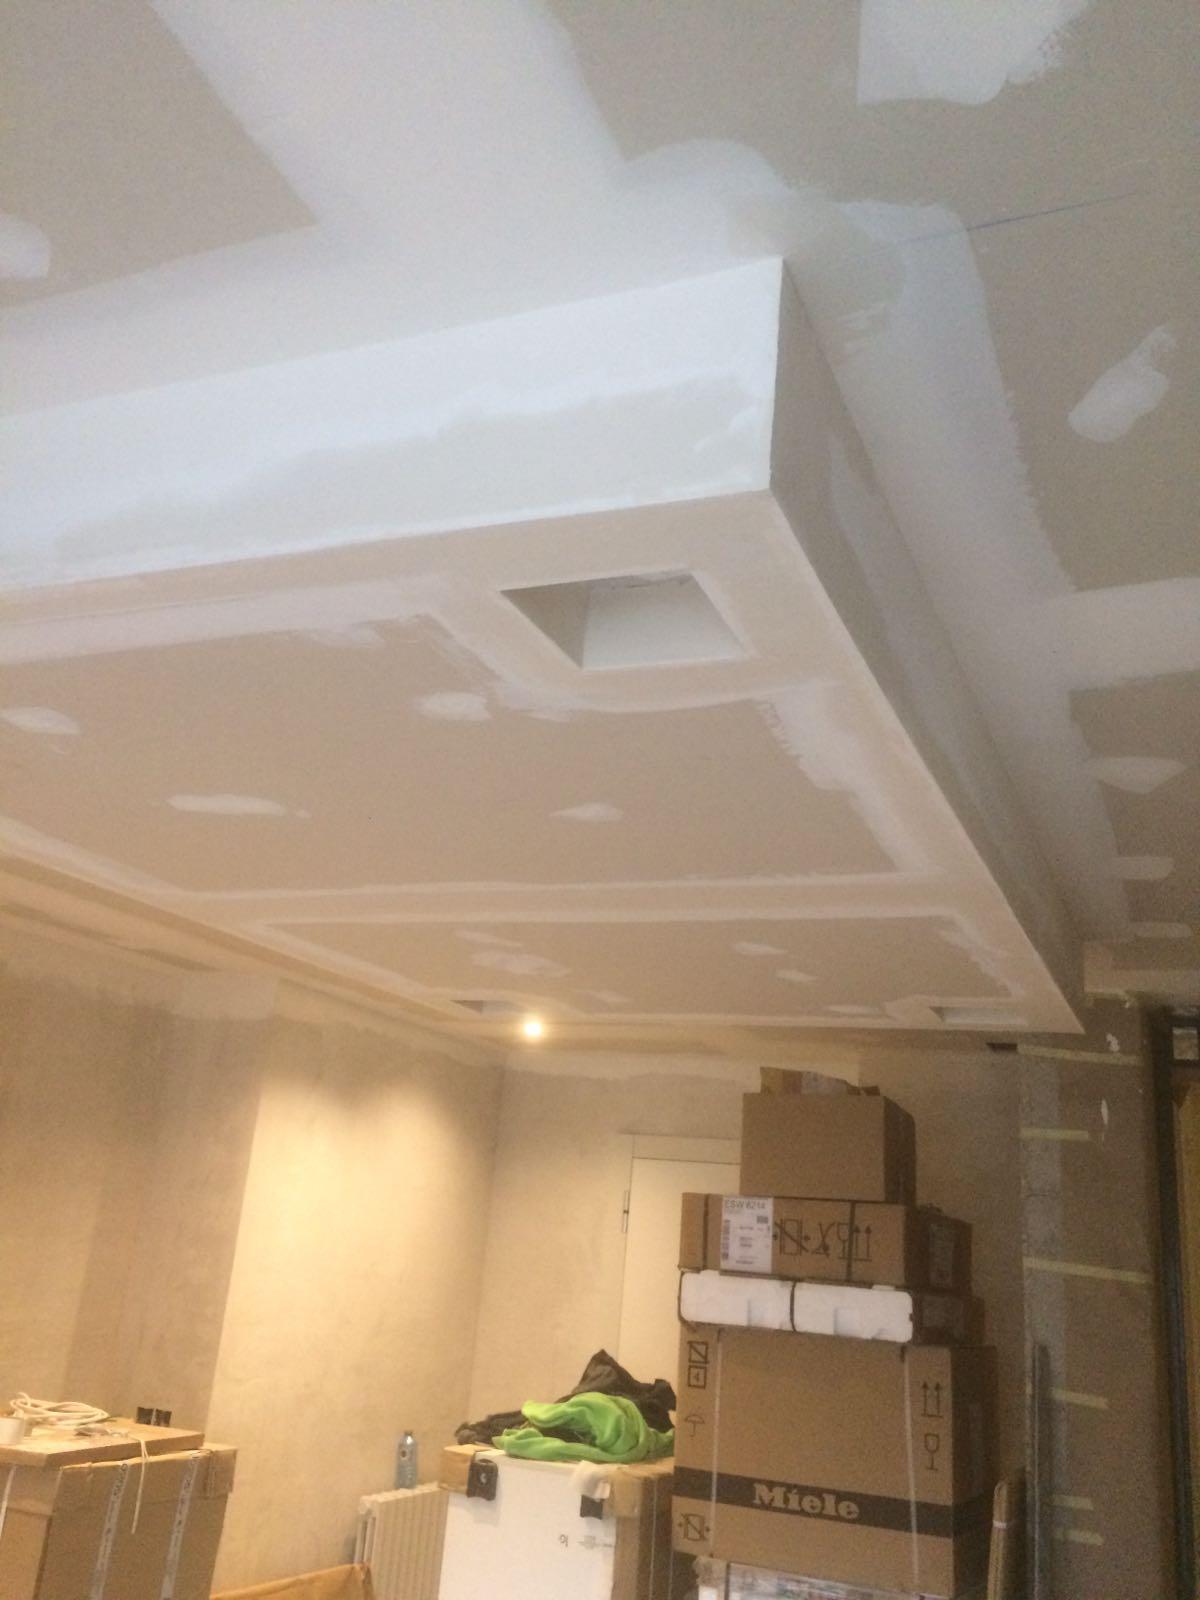 Muebles y decoraci n en pladur pladur loal burgos for Decoracion techos pladur